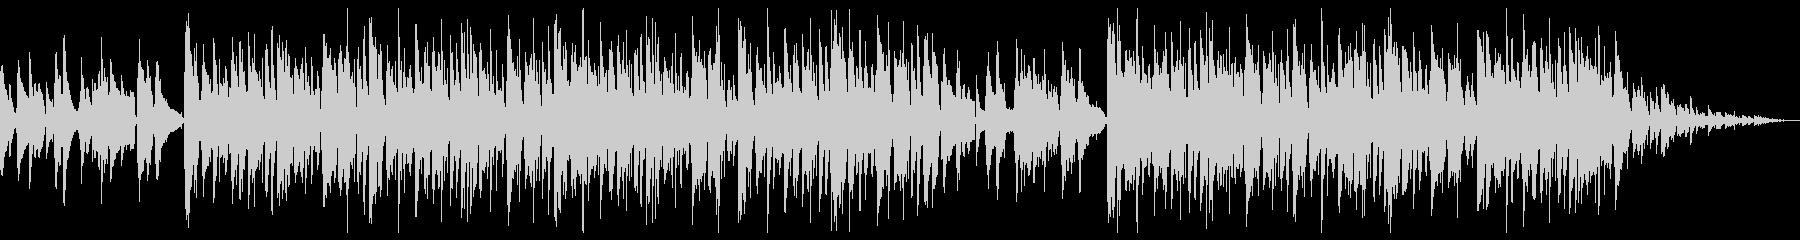 チルホップ ネオソウルギターとサックス2の未再生の波形